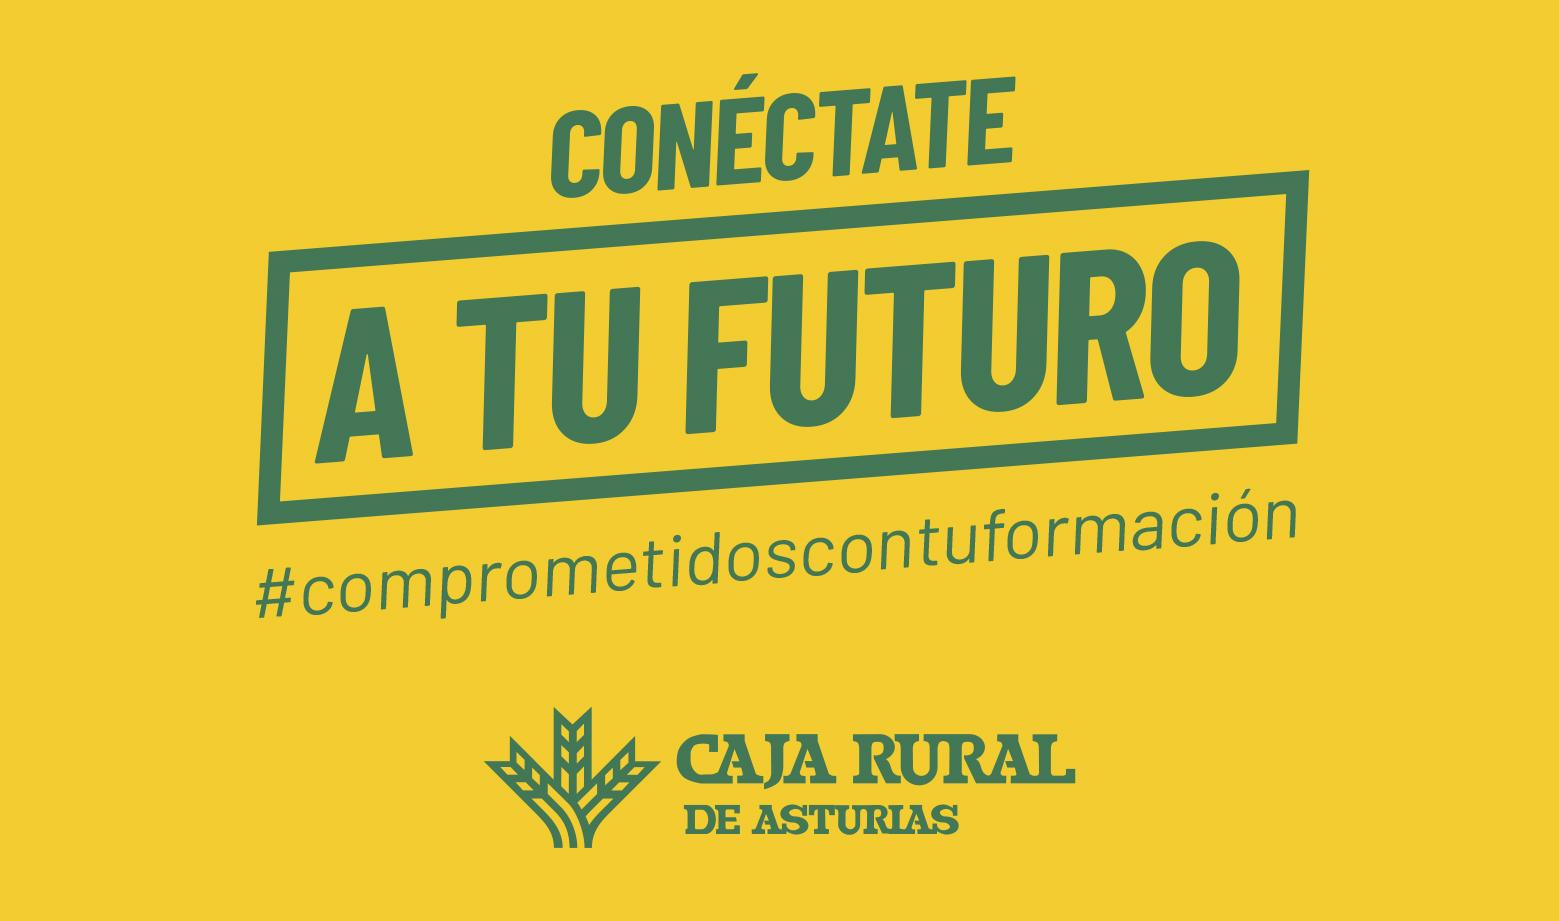 Conectateatufuturo_Pegatina_140x60_00 (1)-2